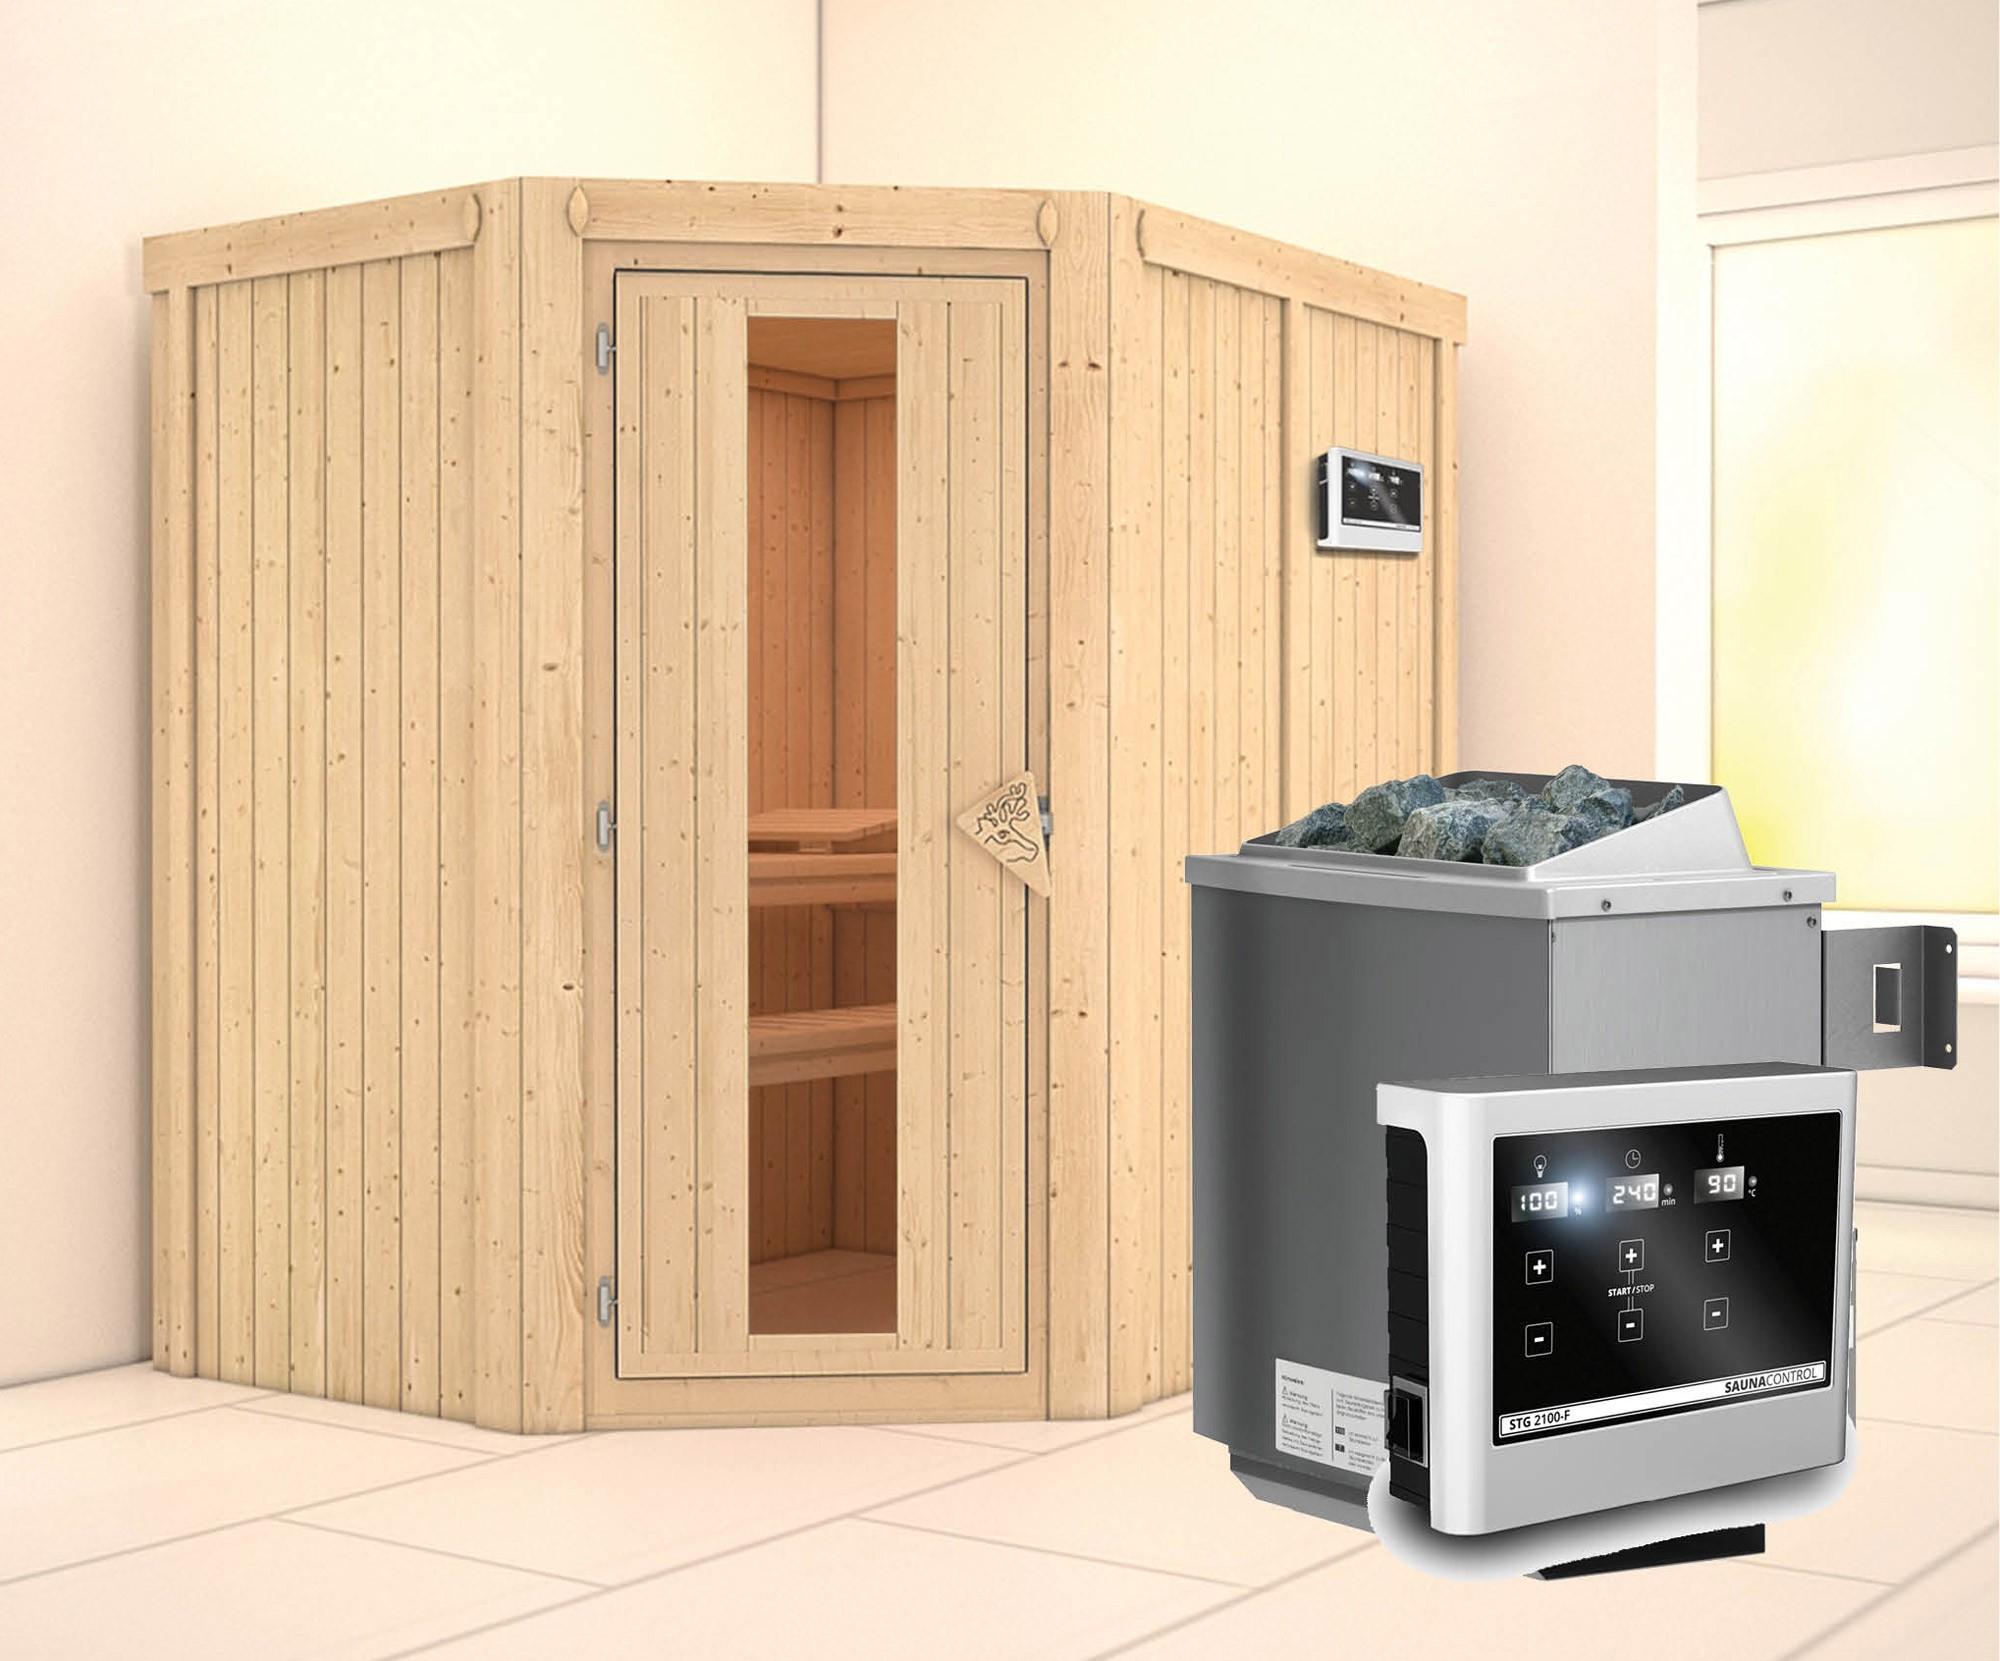 Karibu Sauna Carin 68mm mit Ofen 9kW extern Holztür Bild 1